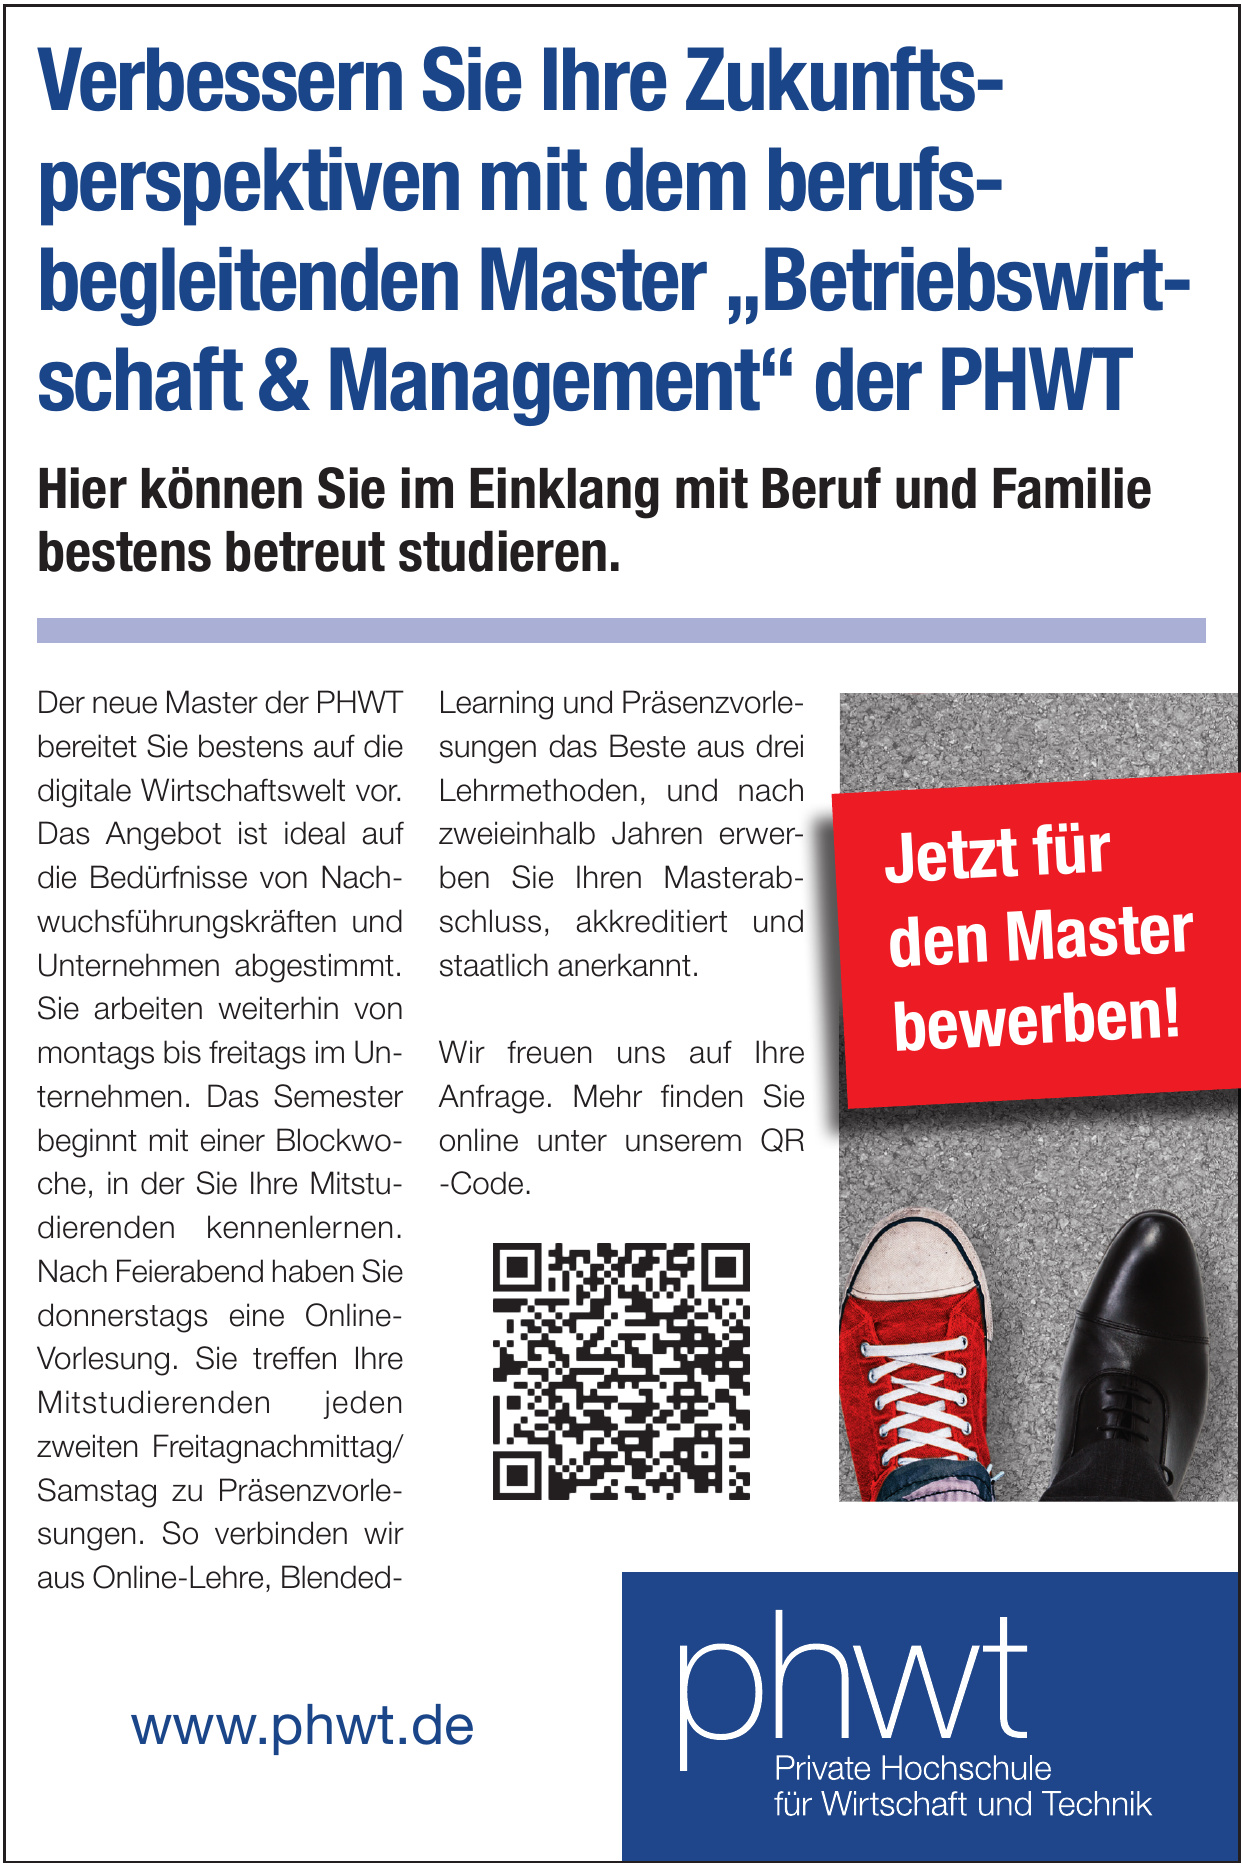 phwt - Private Hochschule für Wirtschaft und Technik gGmbH